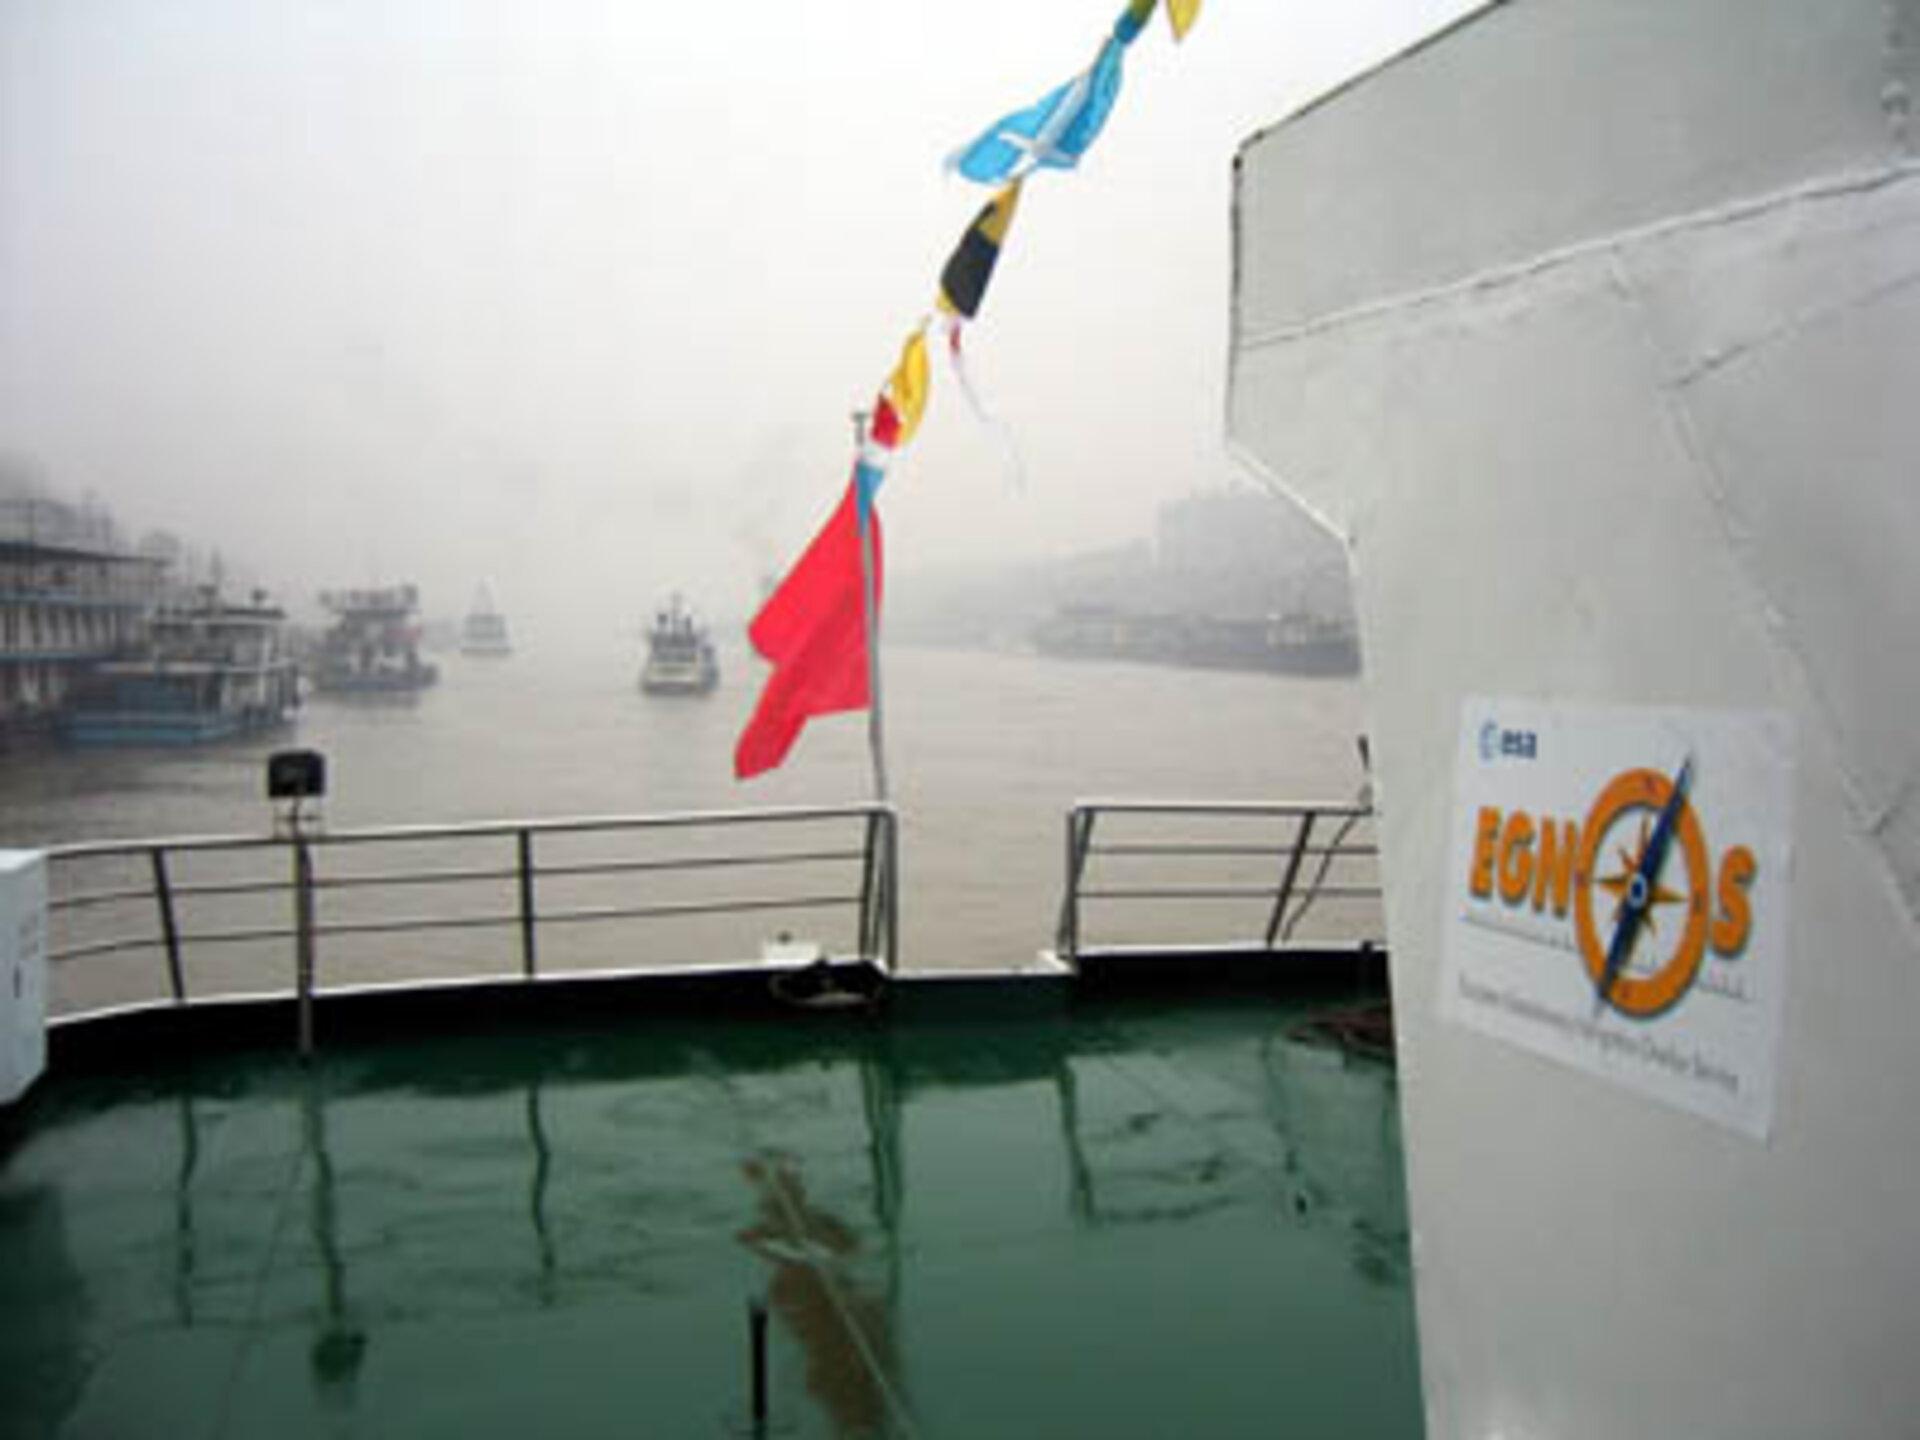 Esa Egnos Parantaa Laivojen Navigointiturvallisuutta Kiinassa